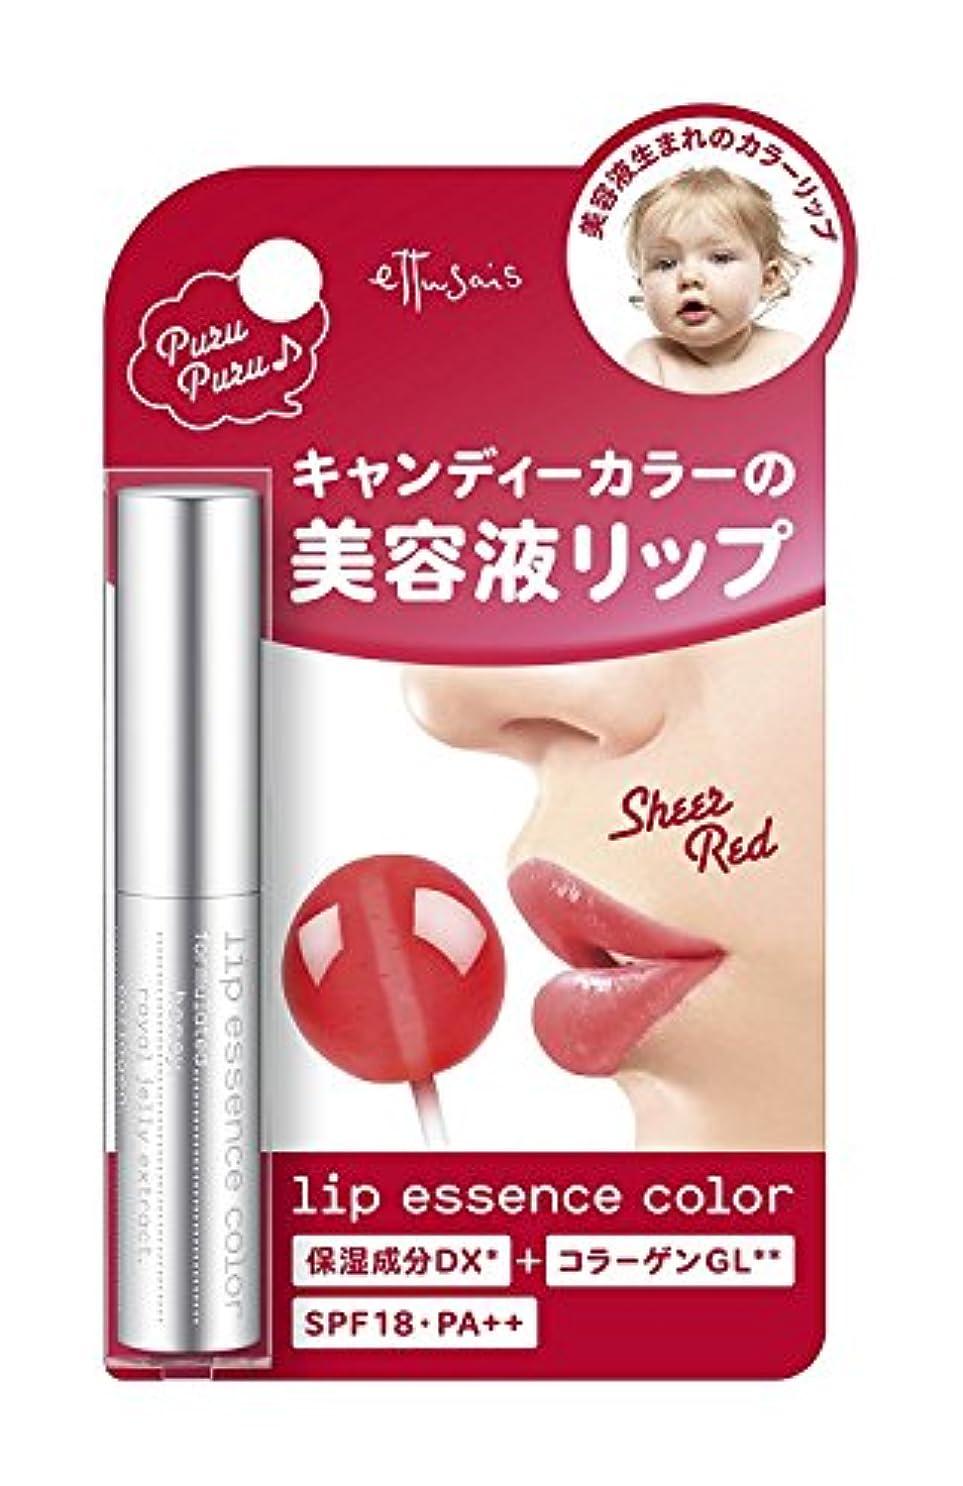 服香ばしいグループエテュセ リップエッセンスカラー RD(ピュアレッド) 唇用美容液 SPF18?PA++ 2.2g